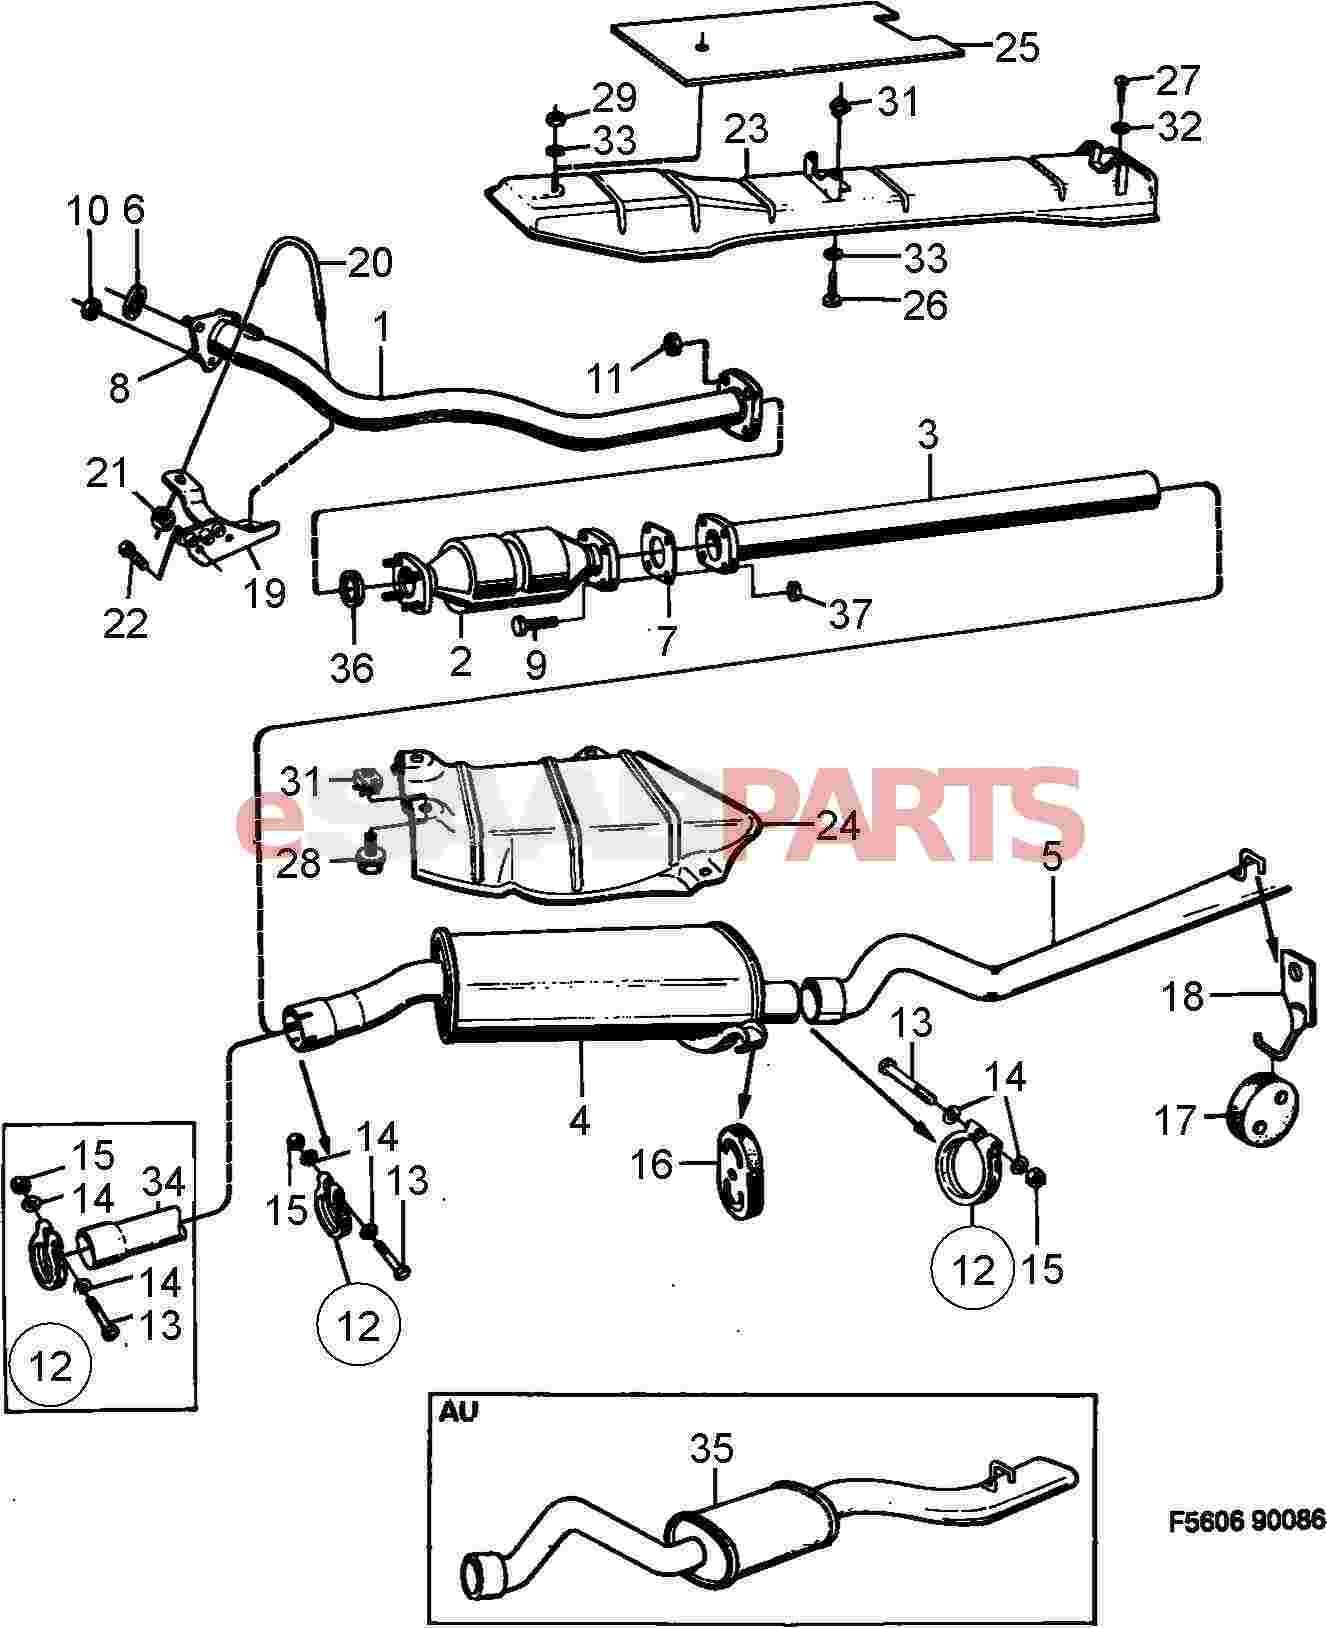 fwd saab 99 engine diagram  saab  auto wiring diagram